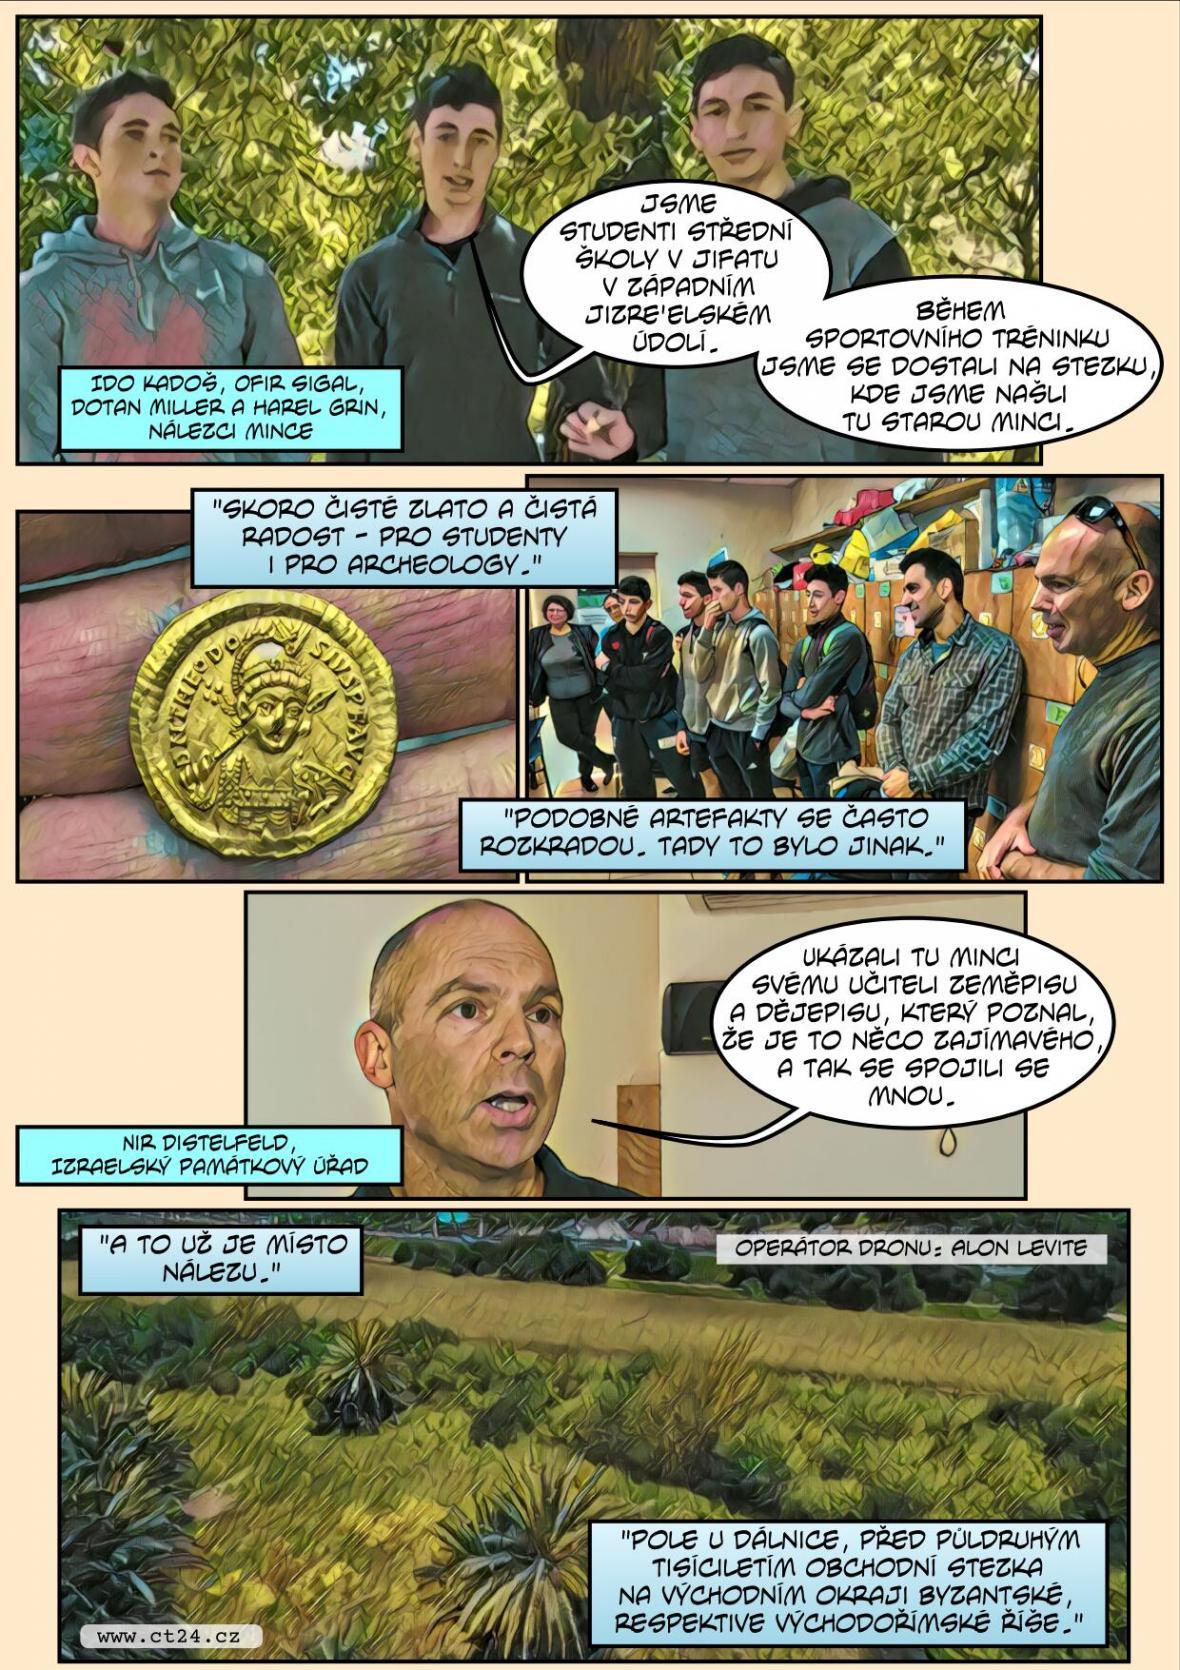 Komiks: Zlatý nález studentů v Izraeli